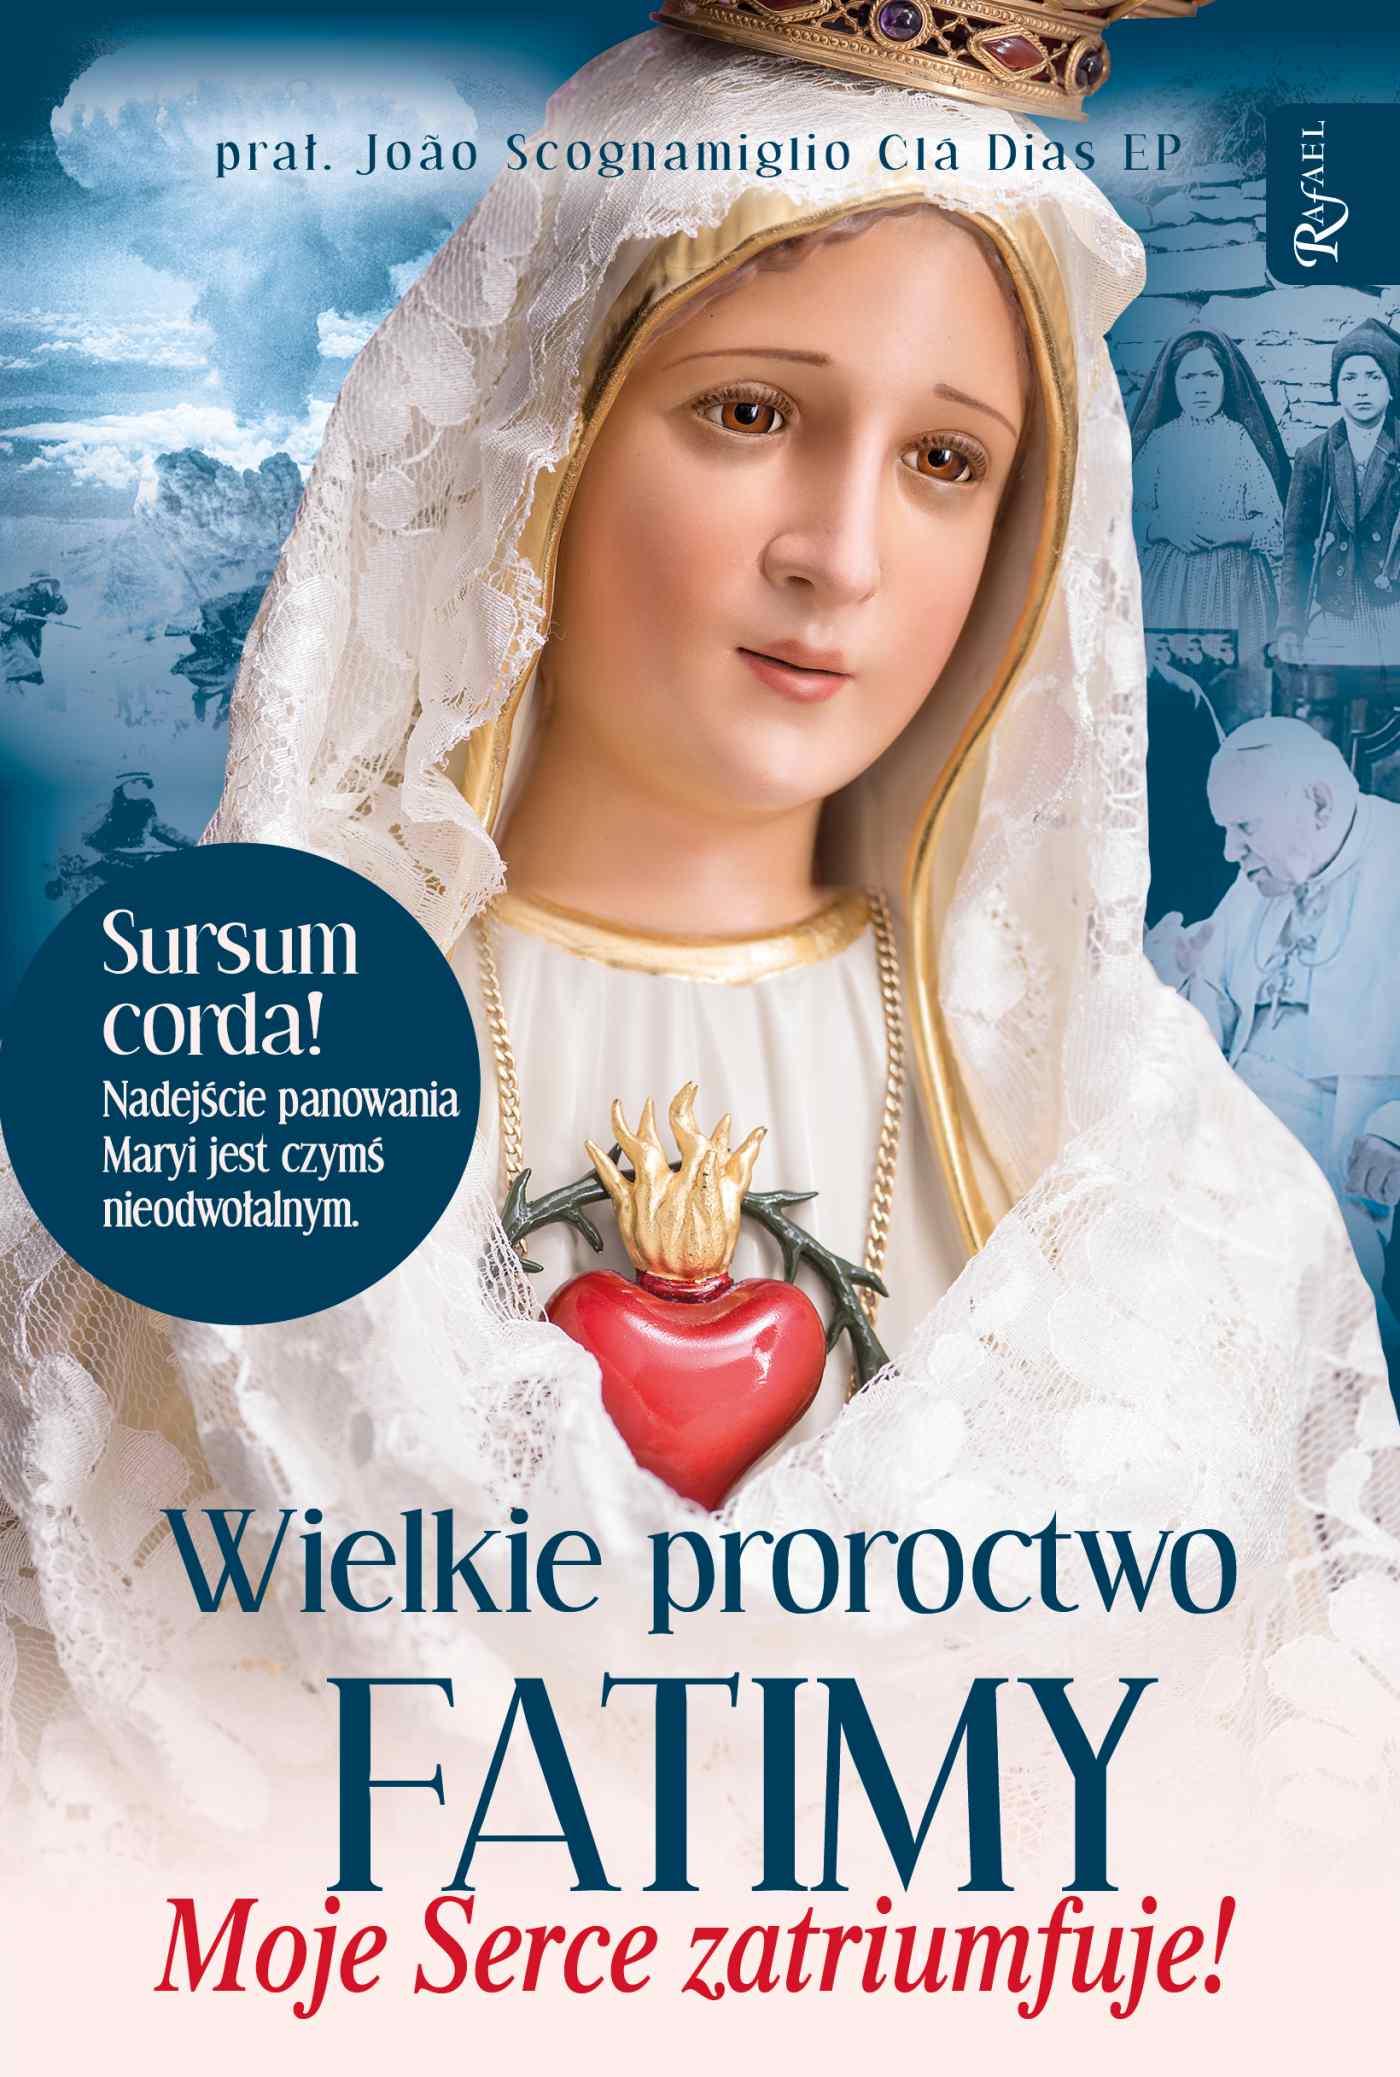 Wielkie proroctwo Fatimy. Moje serce zatriumfuje - Audiobook (Książka audio MP3) do pobrania w całości w archiwum ZIP